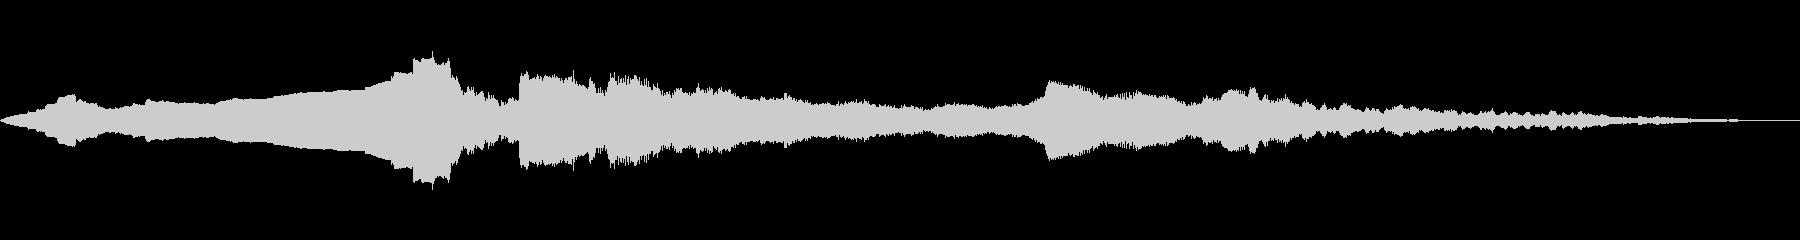 惑星軌道の未再生の波形